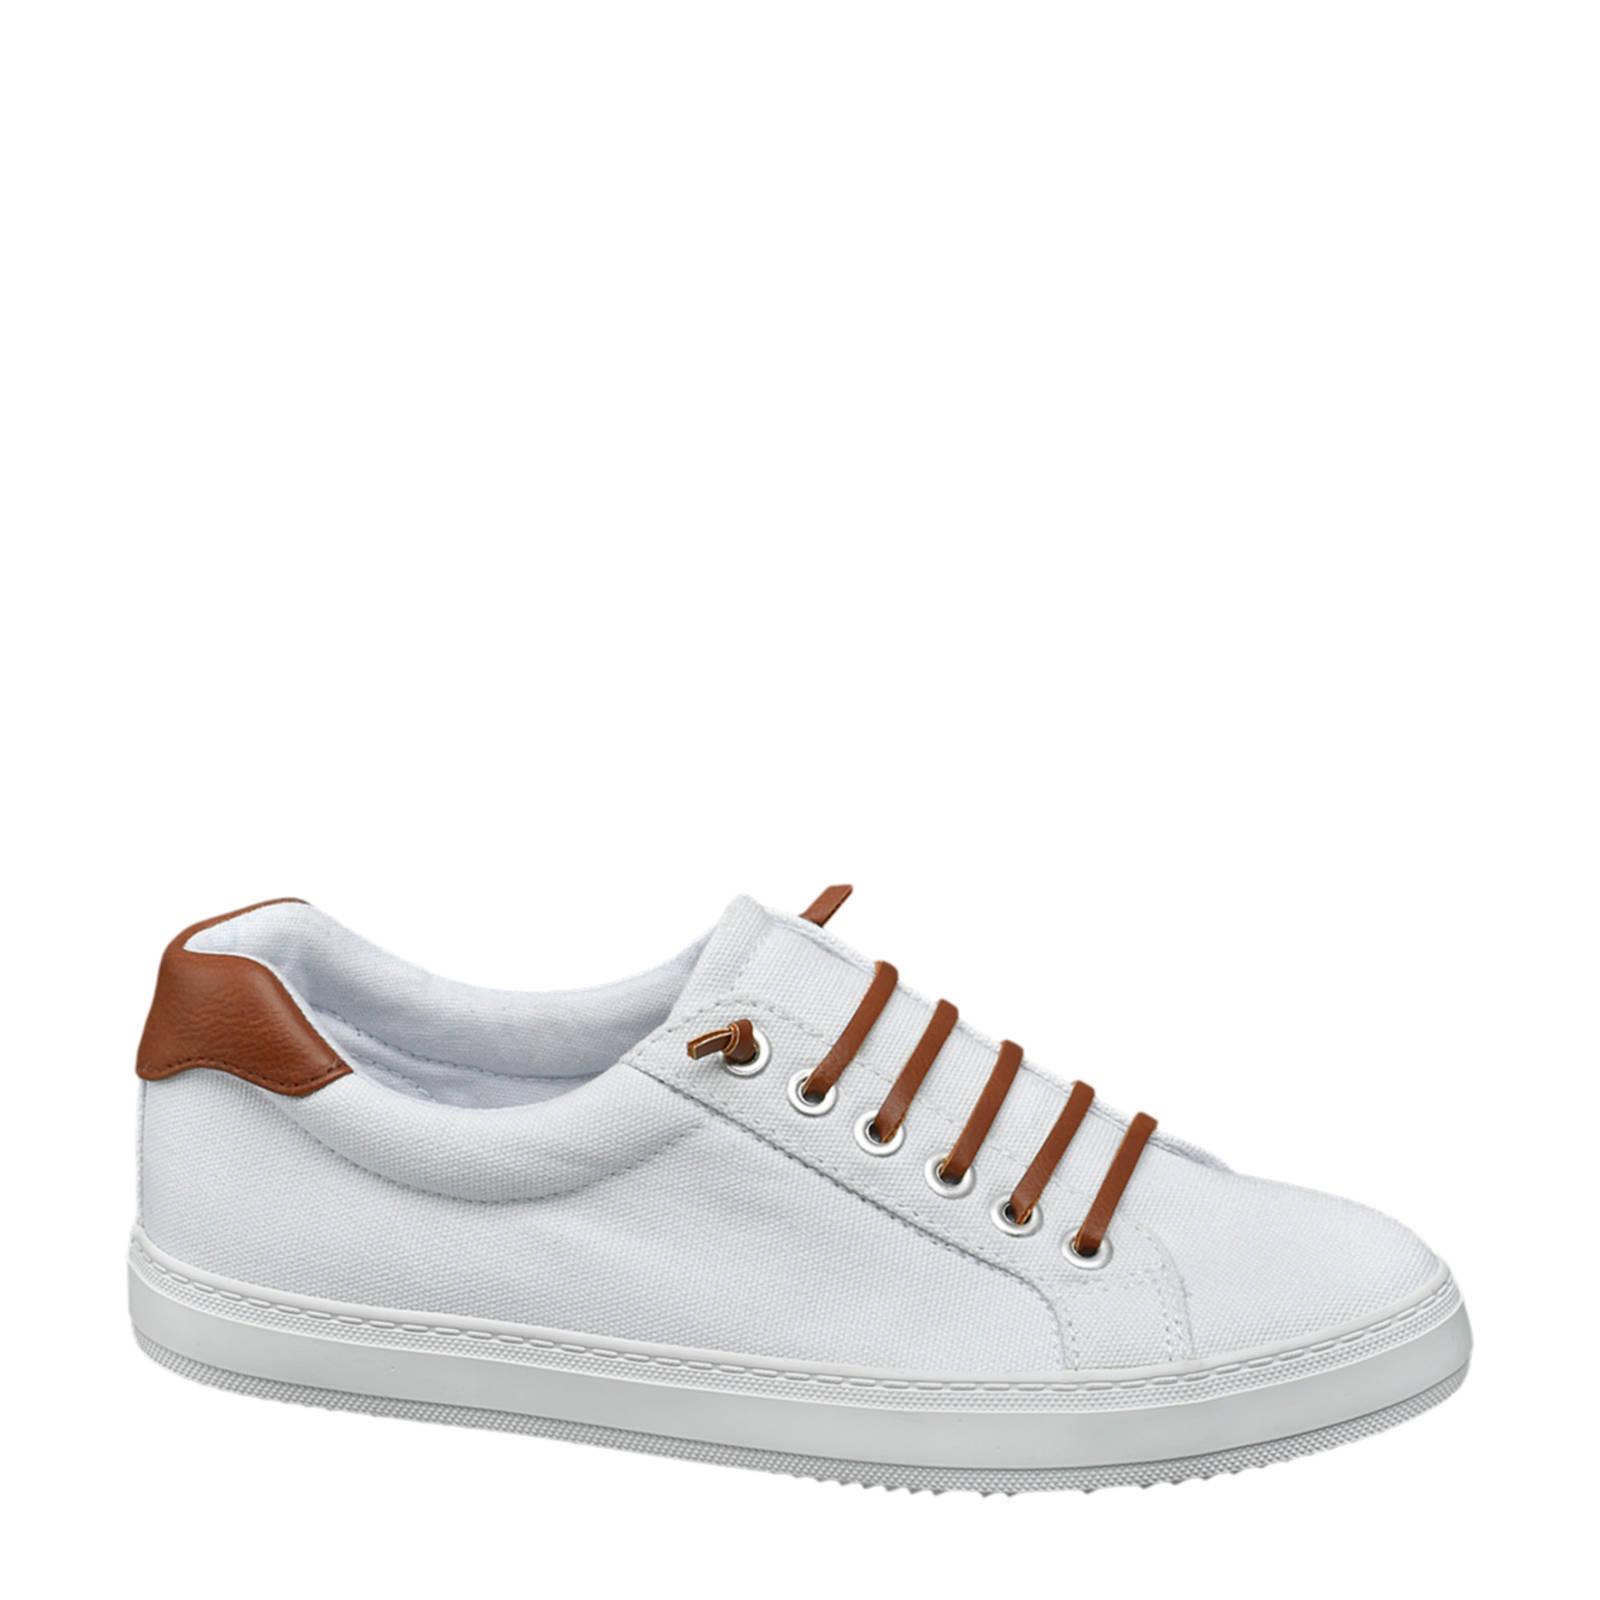 Witte Dames VTY Sneakers online kopen? Vergelijk op Schoenen.nl